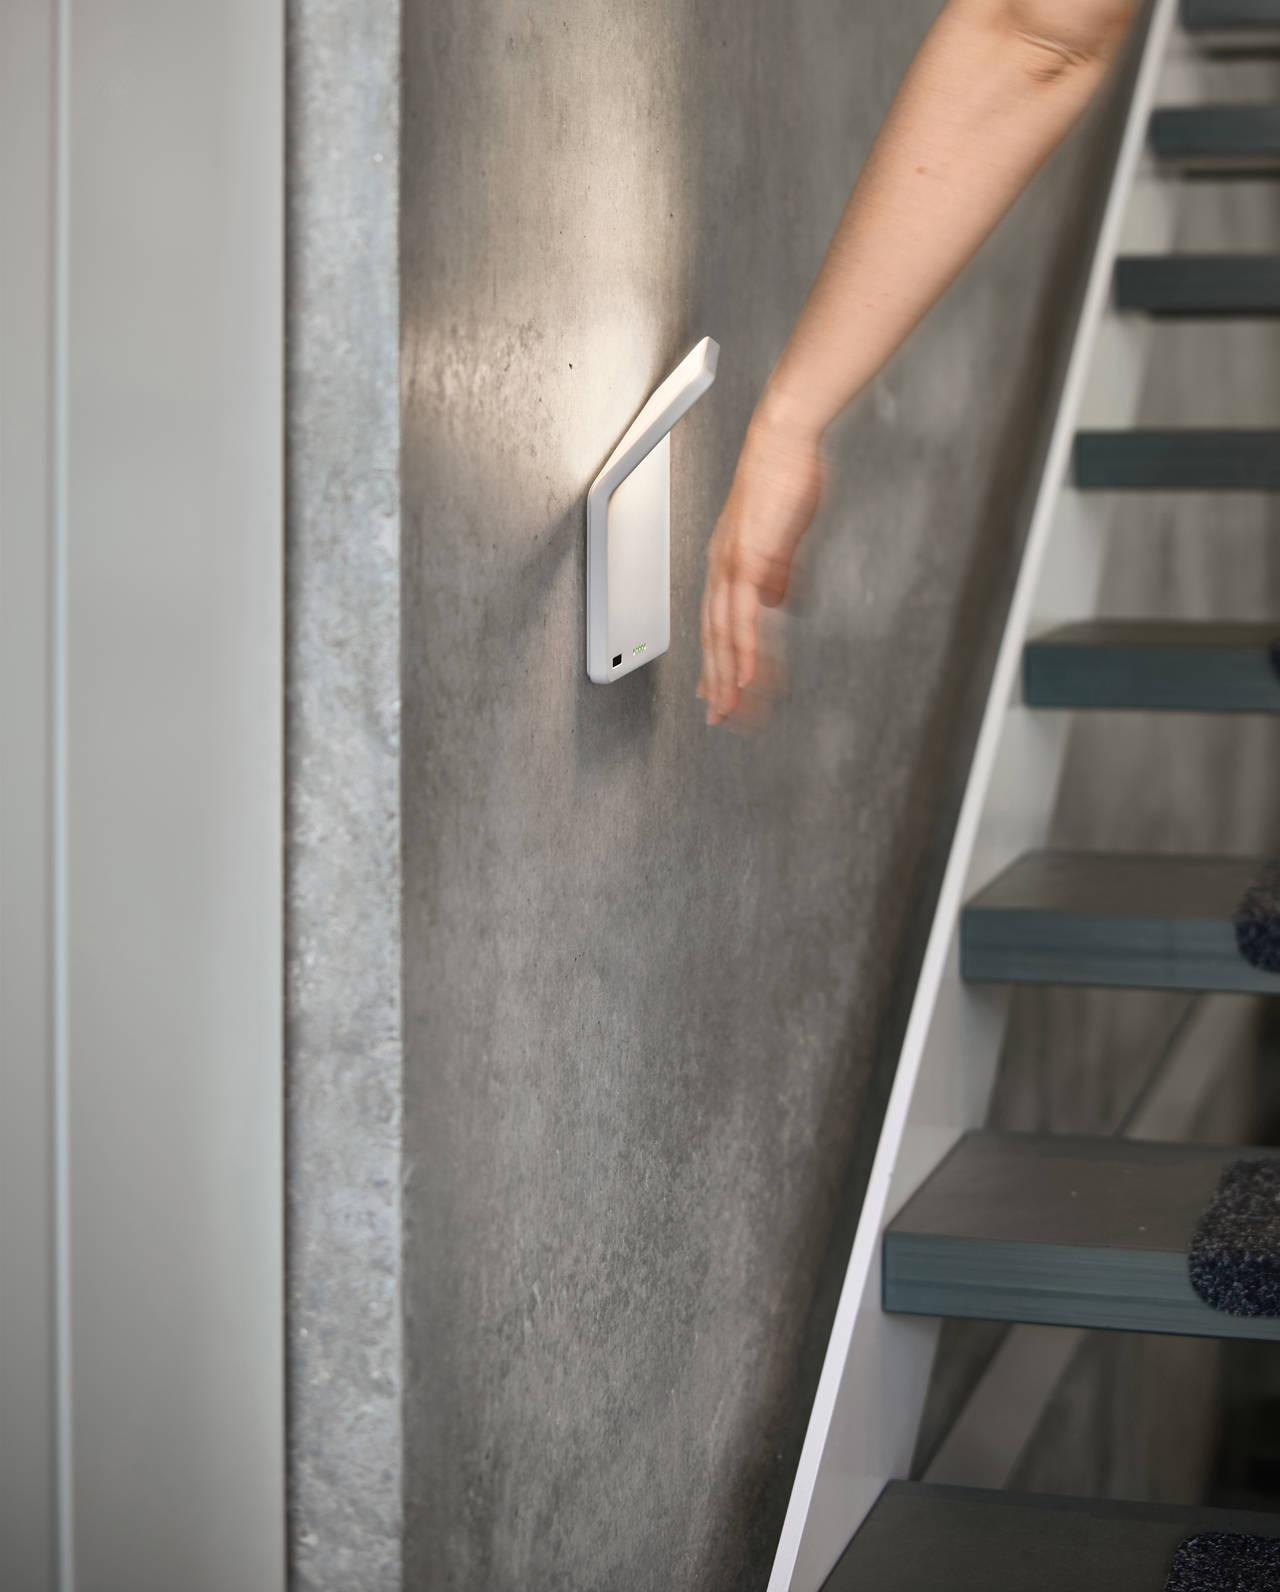 Winglet CL è dotata di un controllo gestuale. Il diffusore emette un fascio di luce anche in direzione della parete, offrendo un'illuminazione in grado di creare un'atmosfera piacevole sulle scale (photo by Frank Ockert)